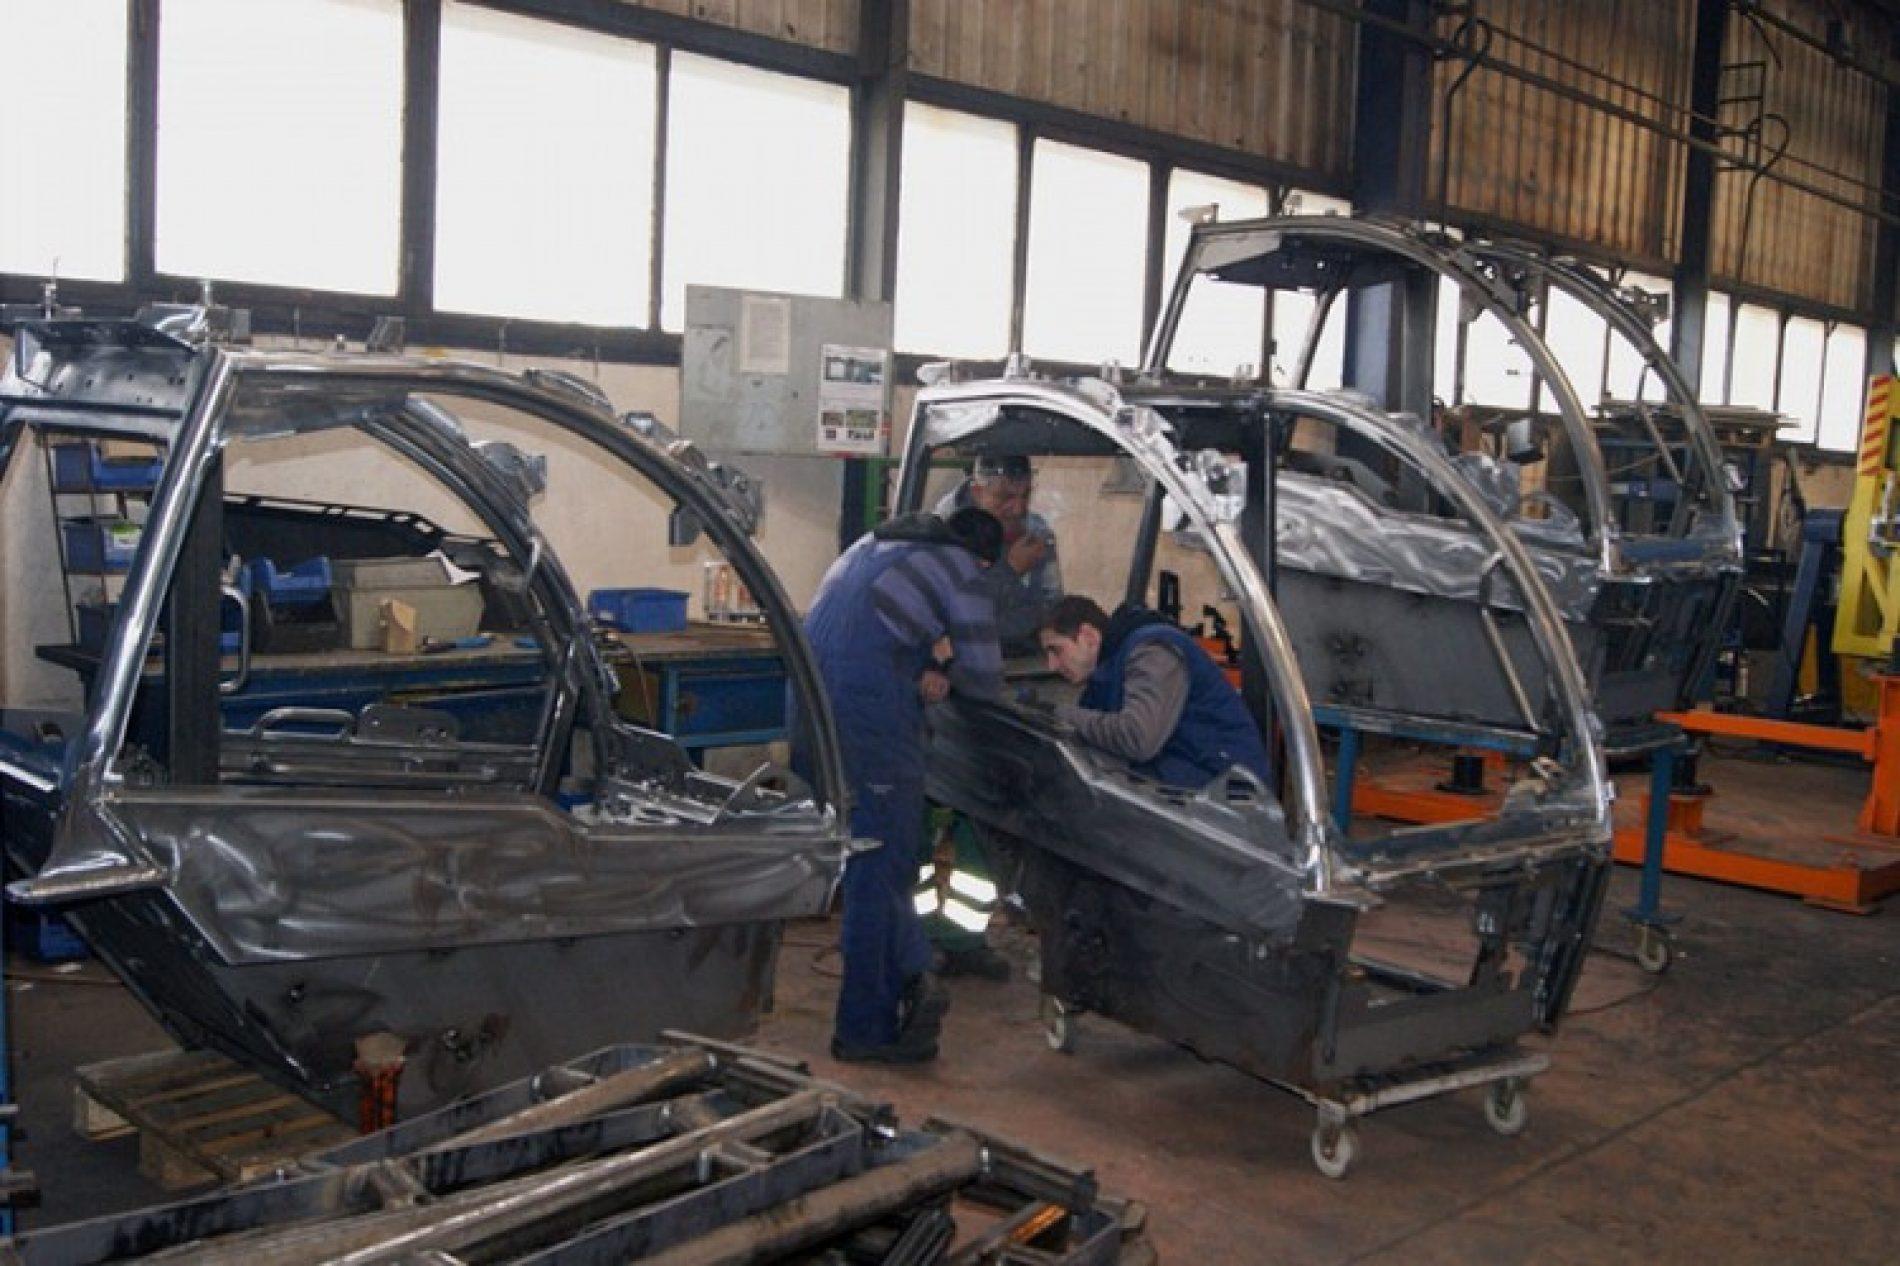 Preduzeće iz Bos. Krupe proizvodi kabine za svjetsko tržište, imaju 290 zaposlenih